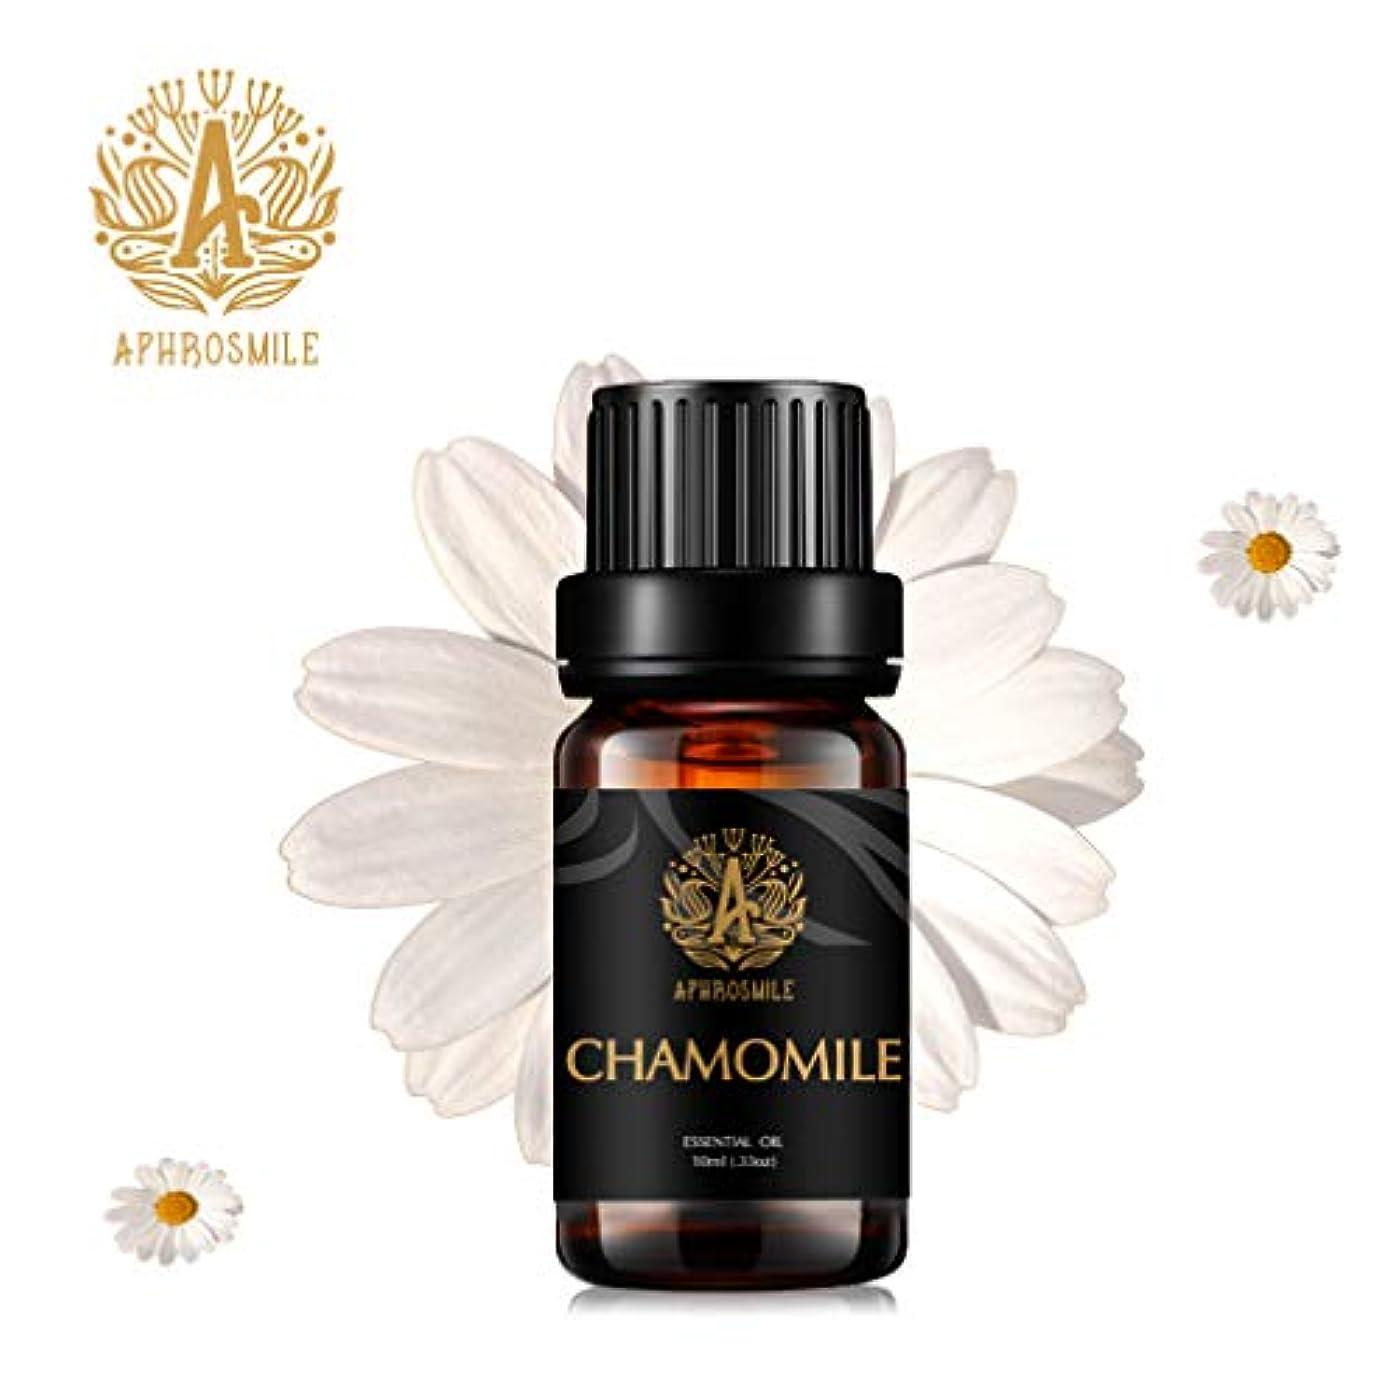 テクスチャージャンル人里離れたカモミールエッセンシャルオイル、100%純粋なアロマセラピーエッセンシャルオイルカモミールの香り、不安を和らげます、治療上の等級の精油のカモミールの芳香のために拡散器、マッサージ、加湿器、毎日の心配、0.33オンス-10ml